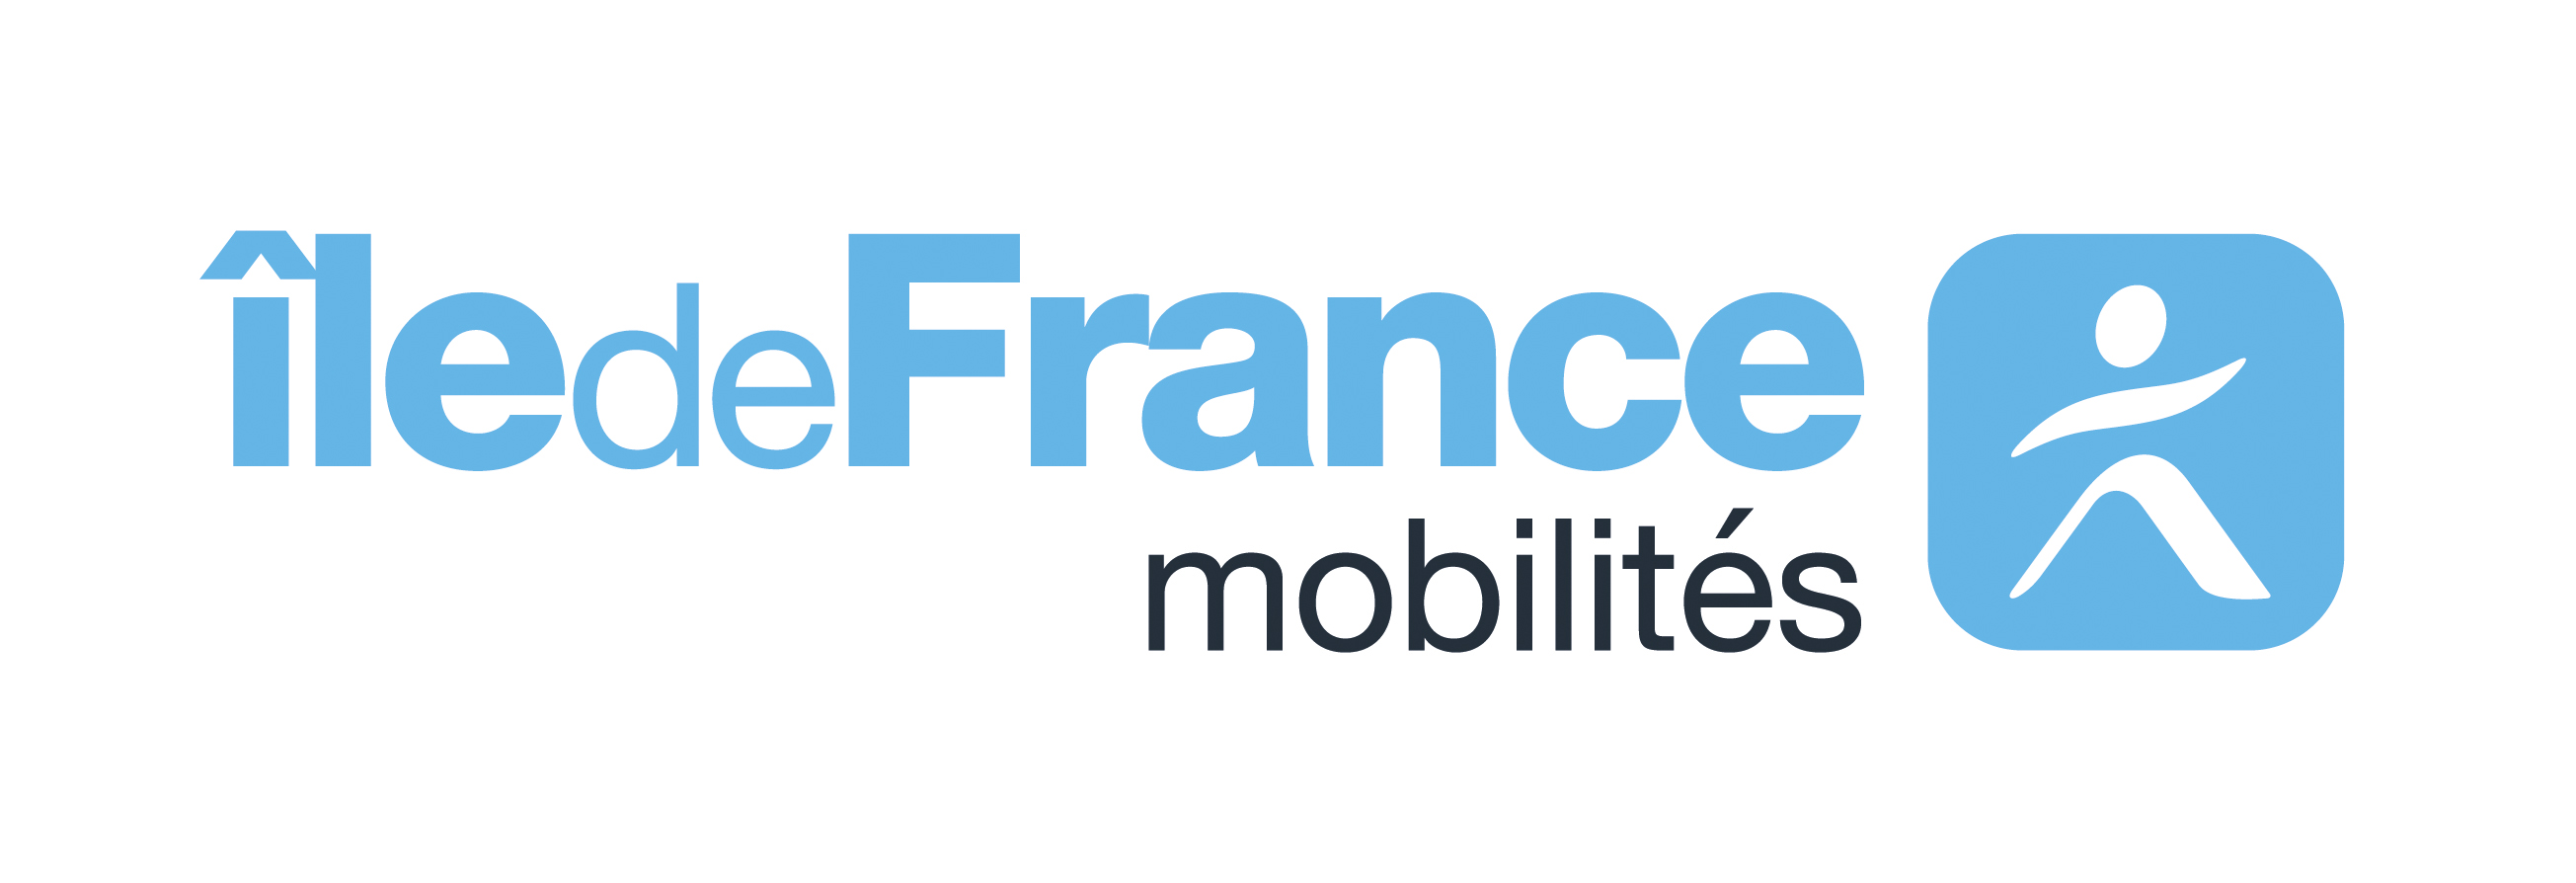 île de france mobilité